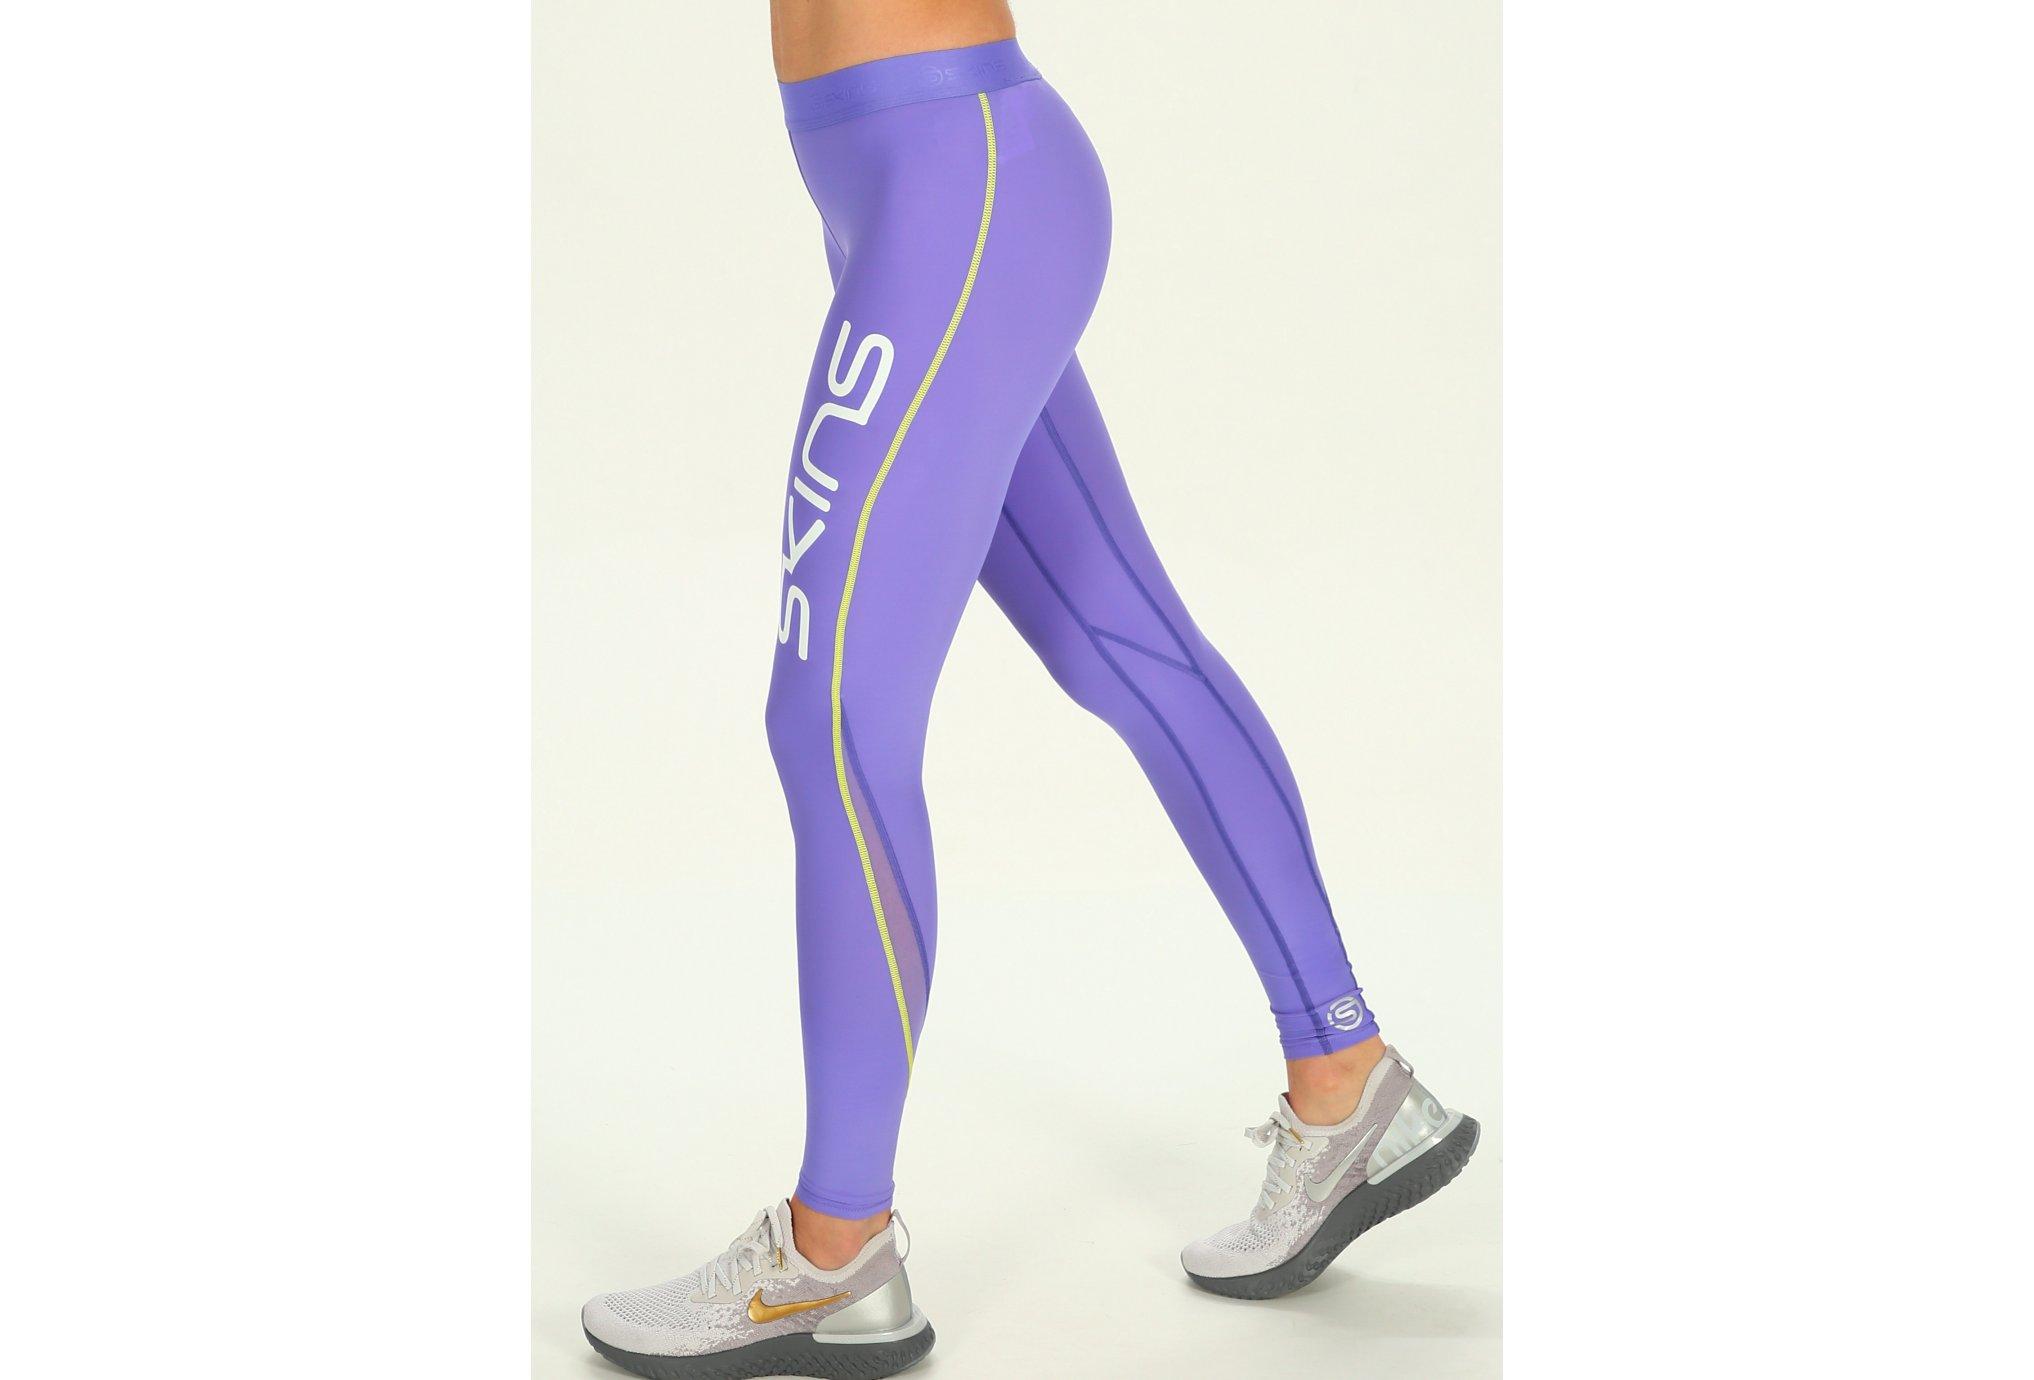 Skins DNAmic W vêtement running femme